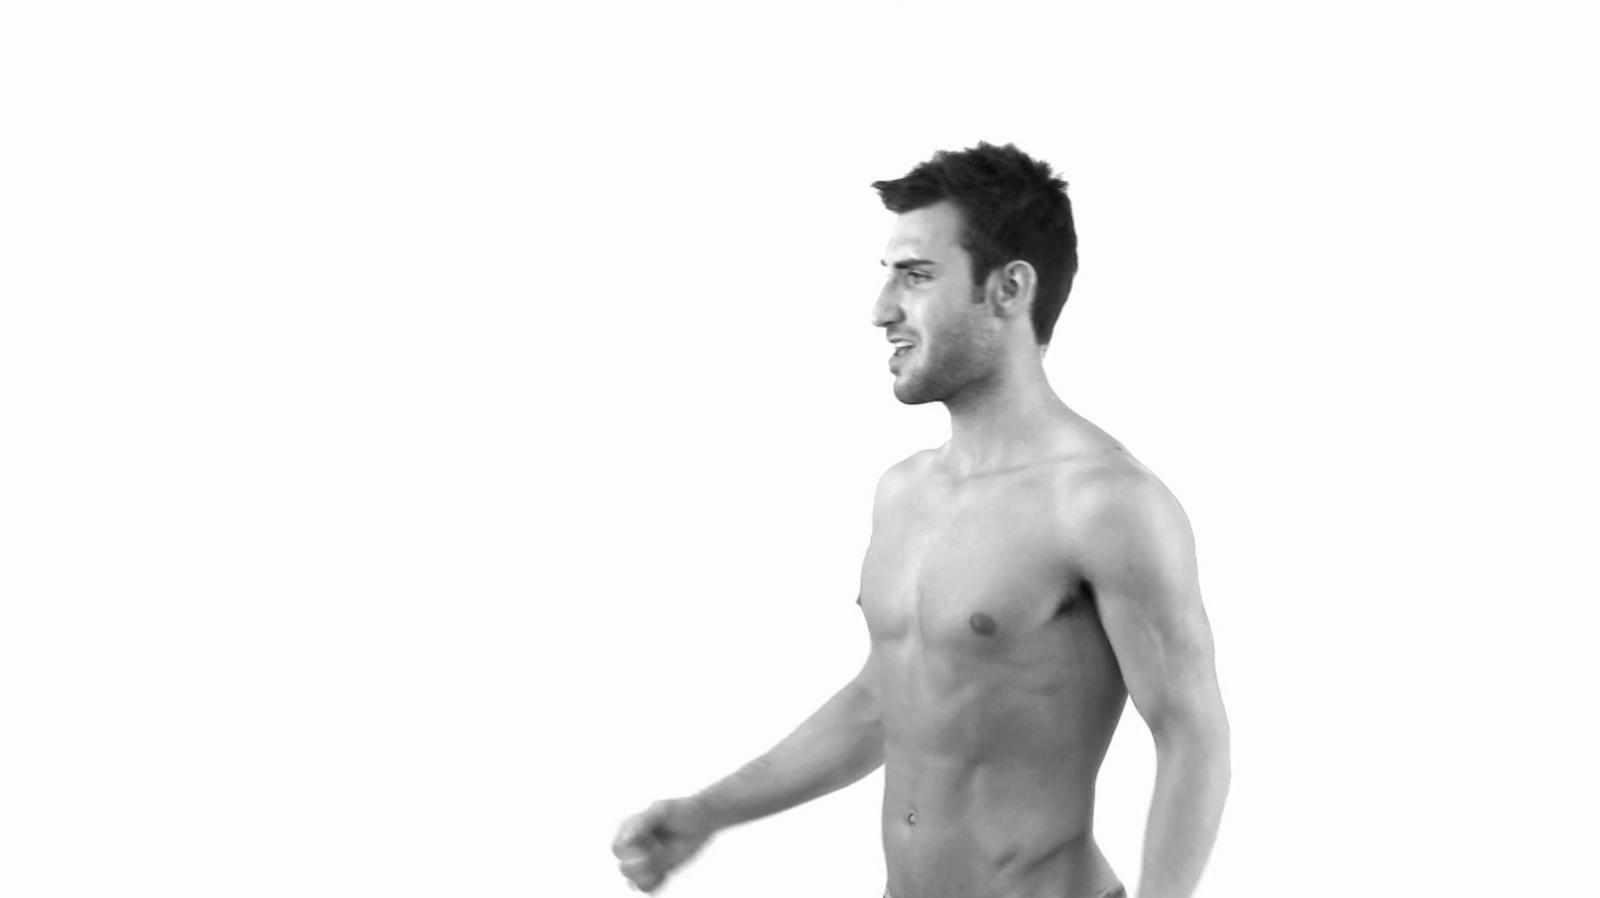 Actuacion Porno Gay andromedahigh: get outta my way (boys) tribute